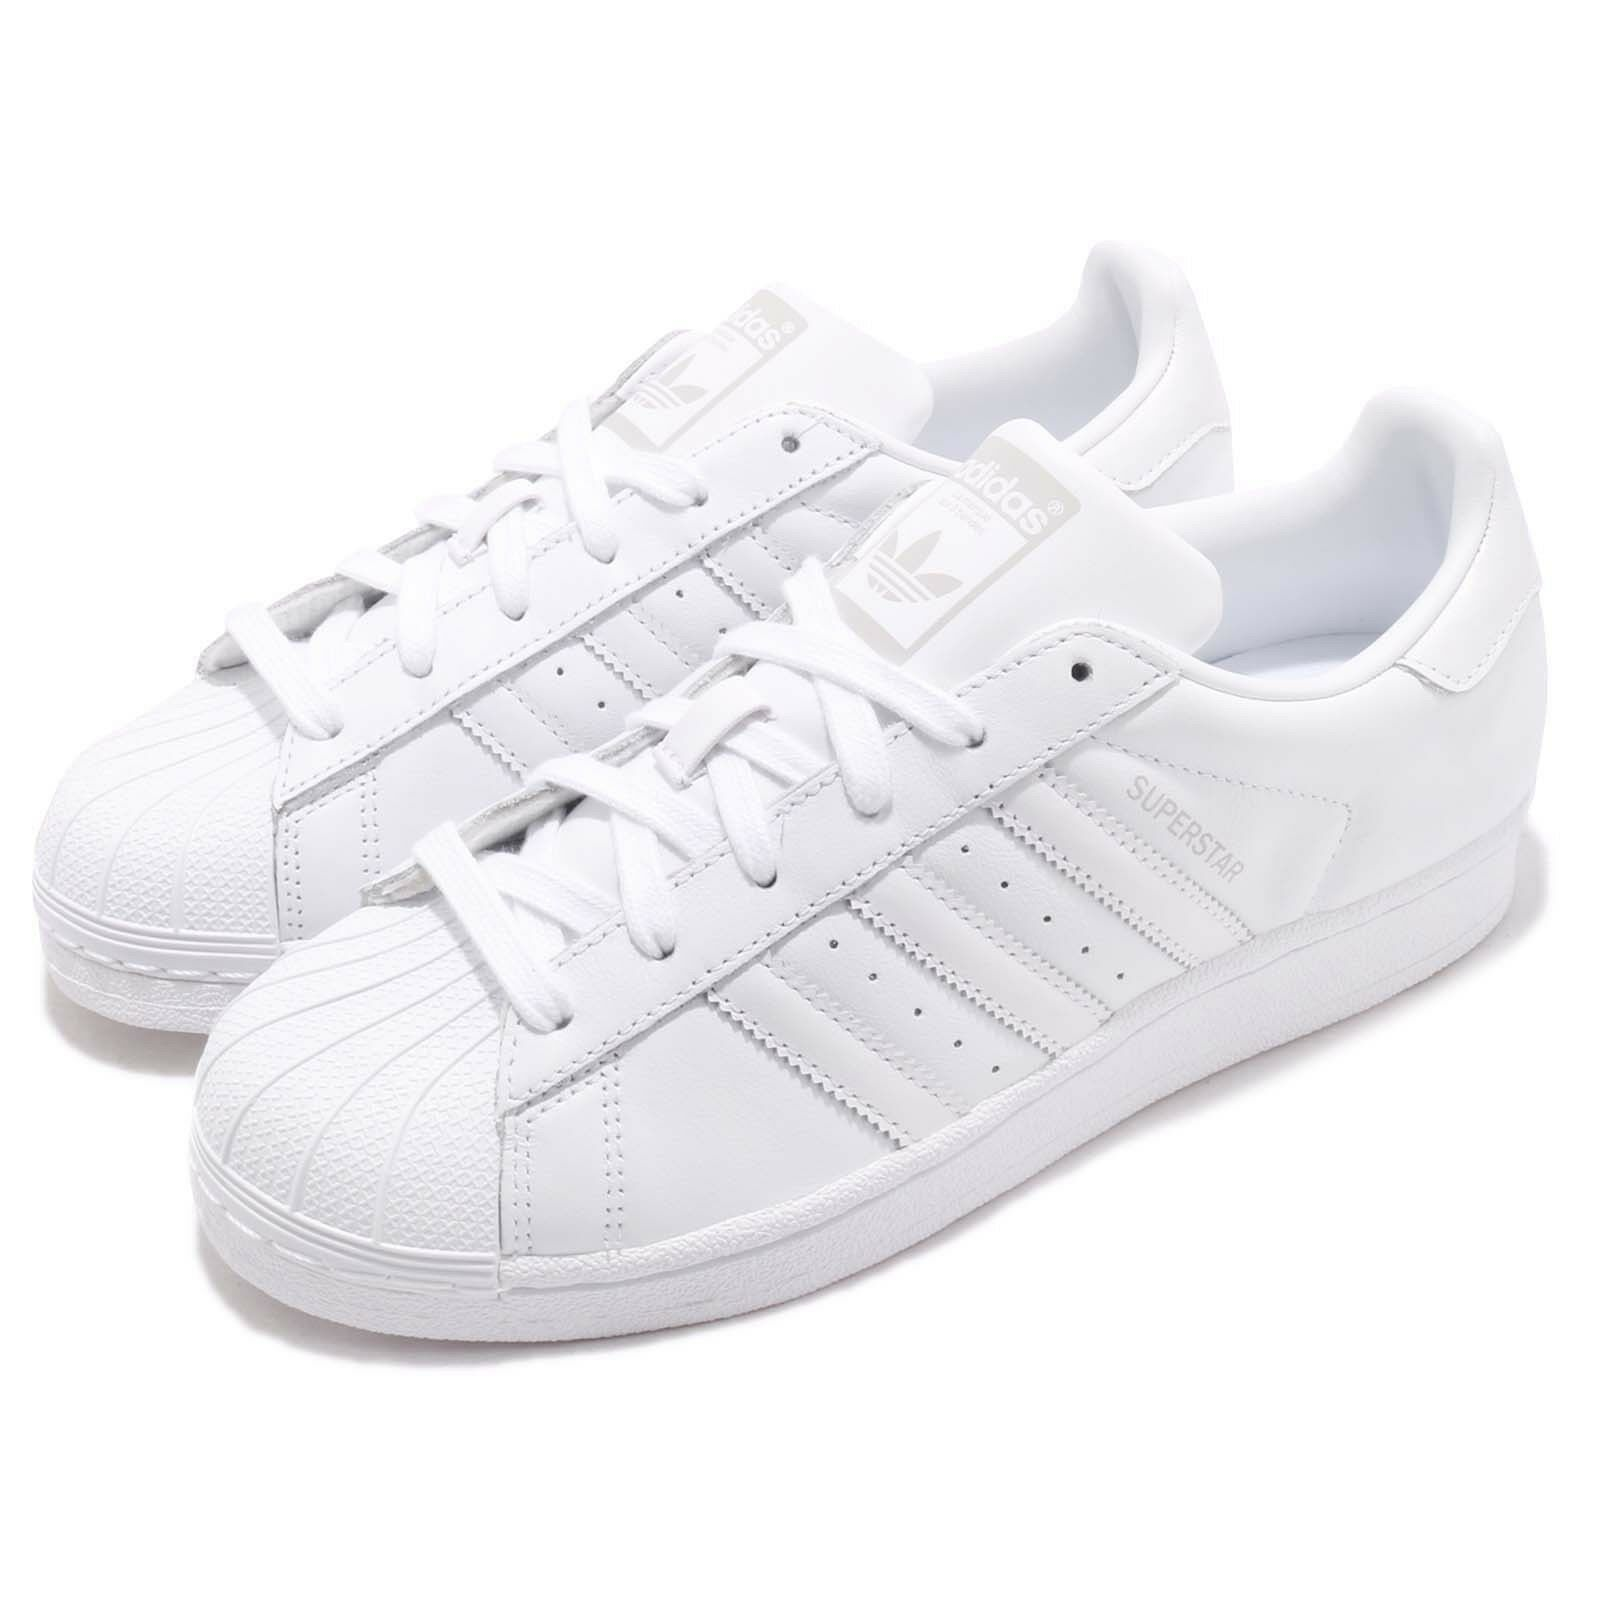 Adidas Originals Originals Originals Superstjärna W vit grå kvinnor Casual skor skor AQ1214  detaljhandel